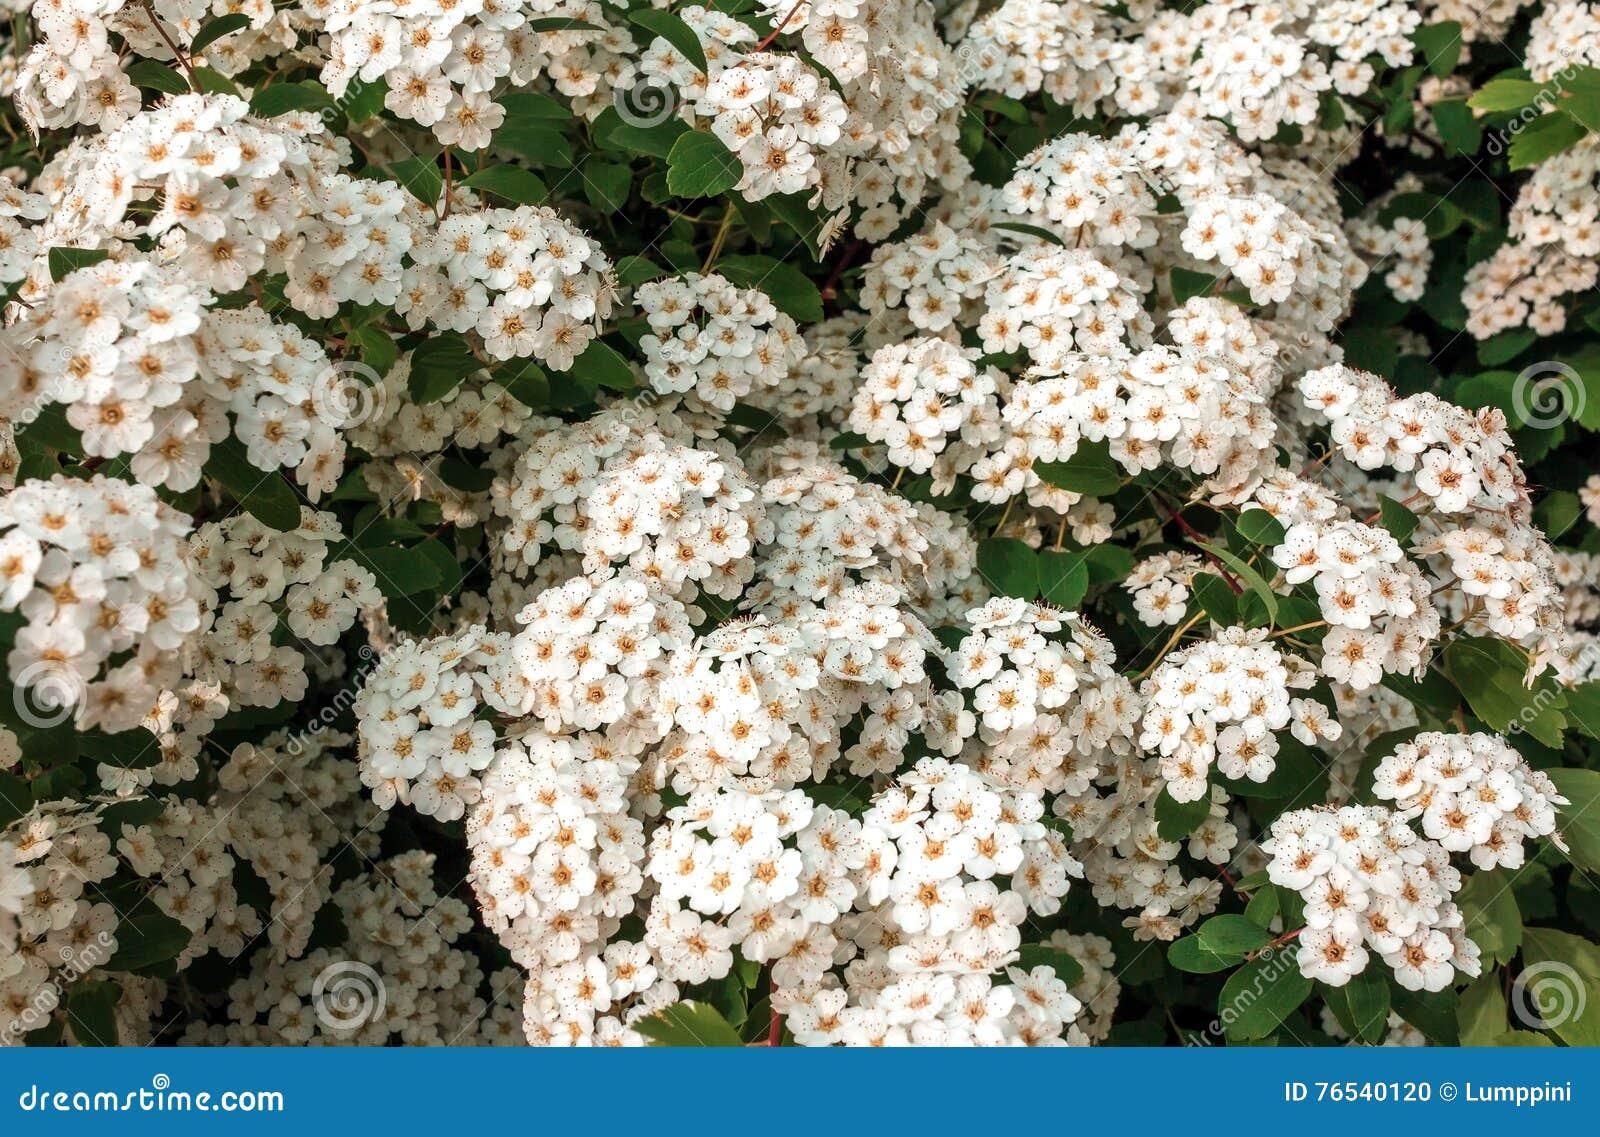 Wild white flower bushes stock photo image of green 76540120 wild white flower bushes mightylinksfo